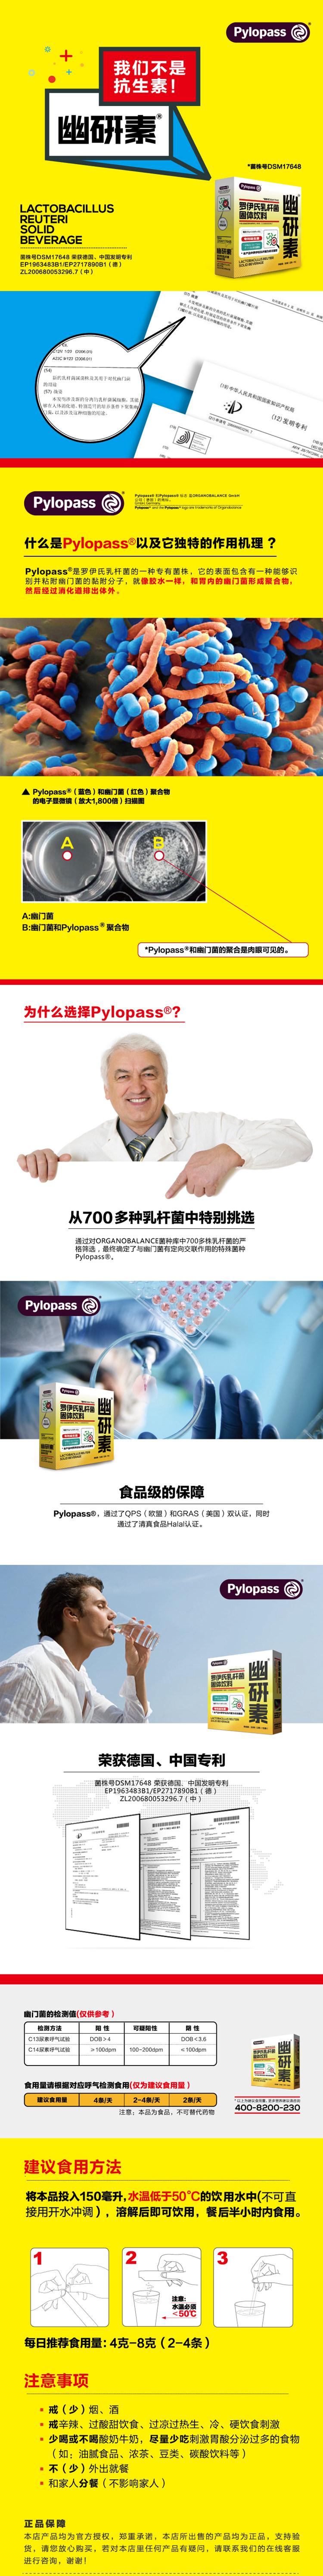 幽研素pylopass 罗伊氏乳杆菌固体饮料 专利益生菌 2g*15条/盒